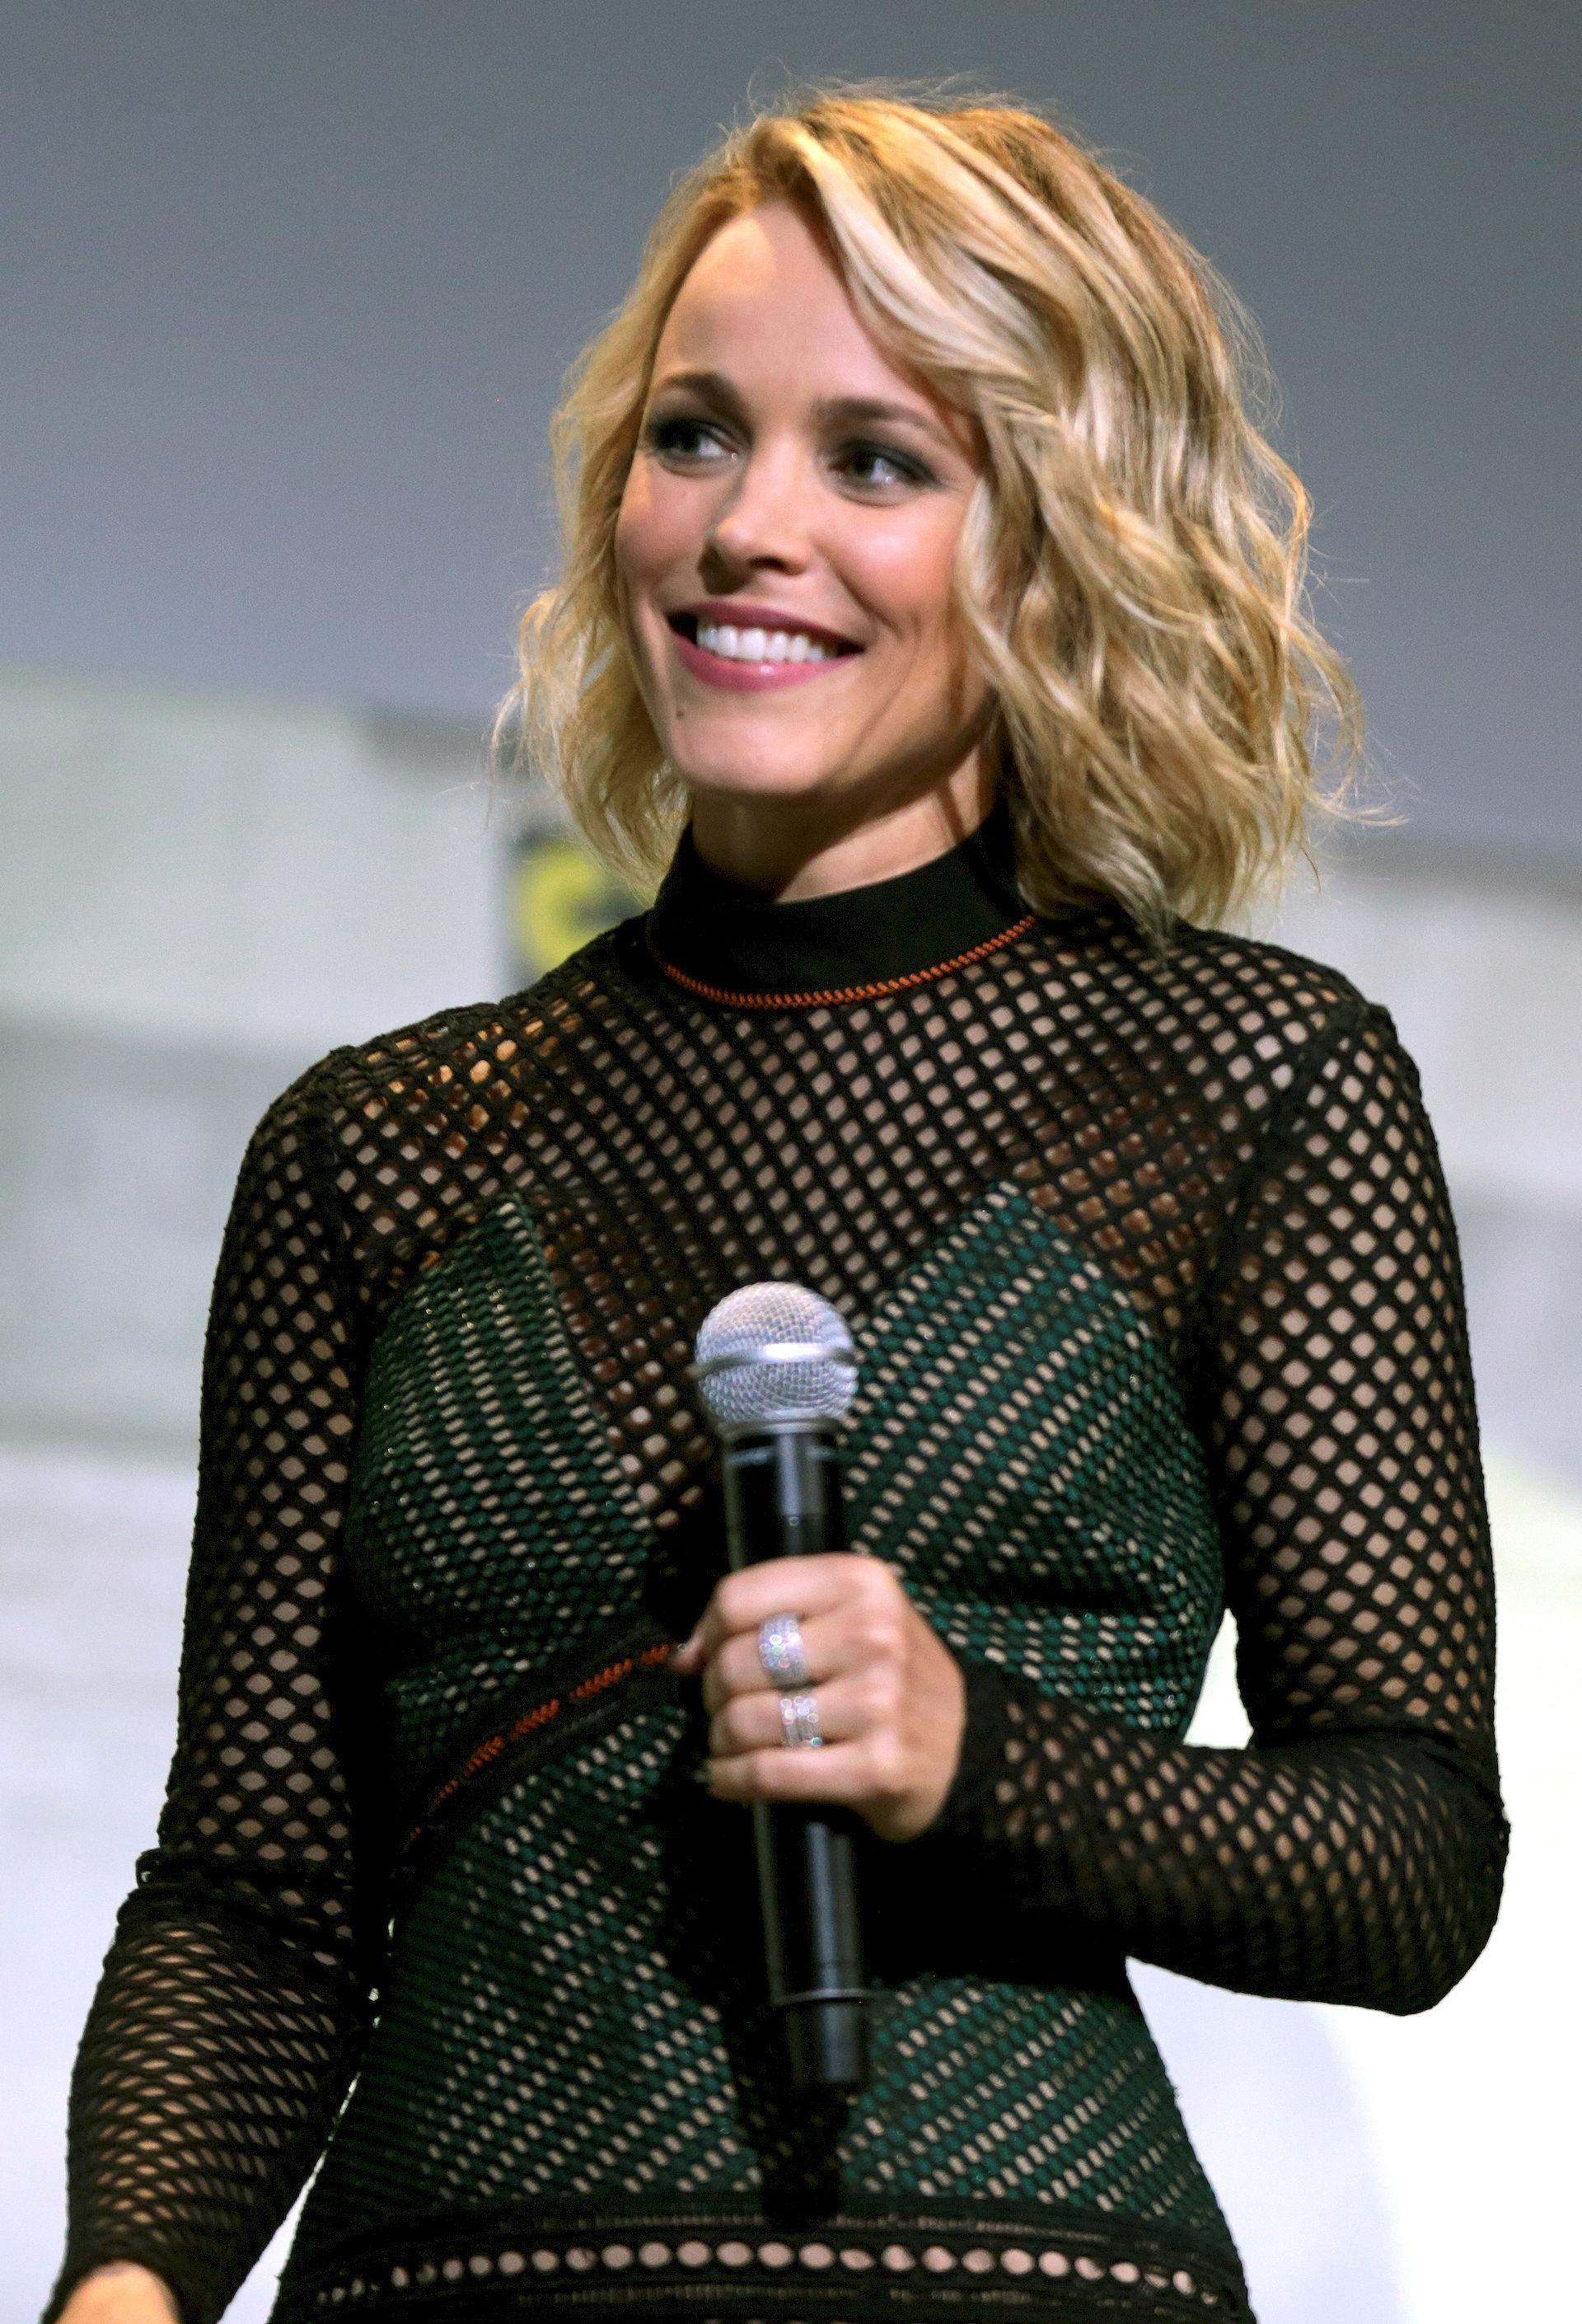 Photo of Rachel McAdams: Canadian actress